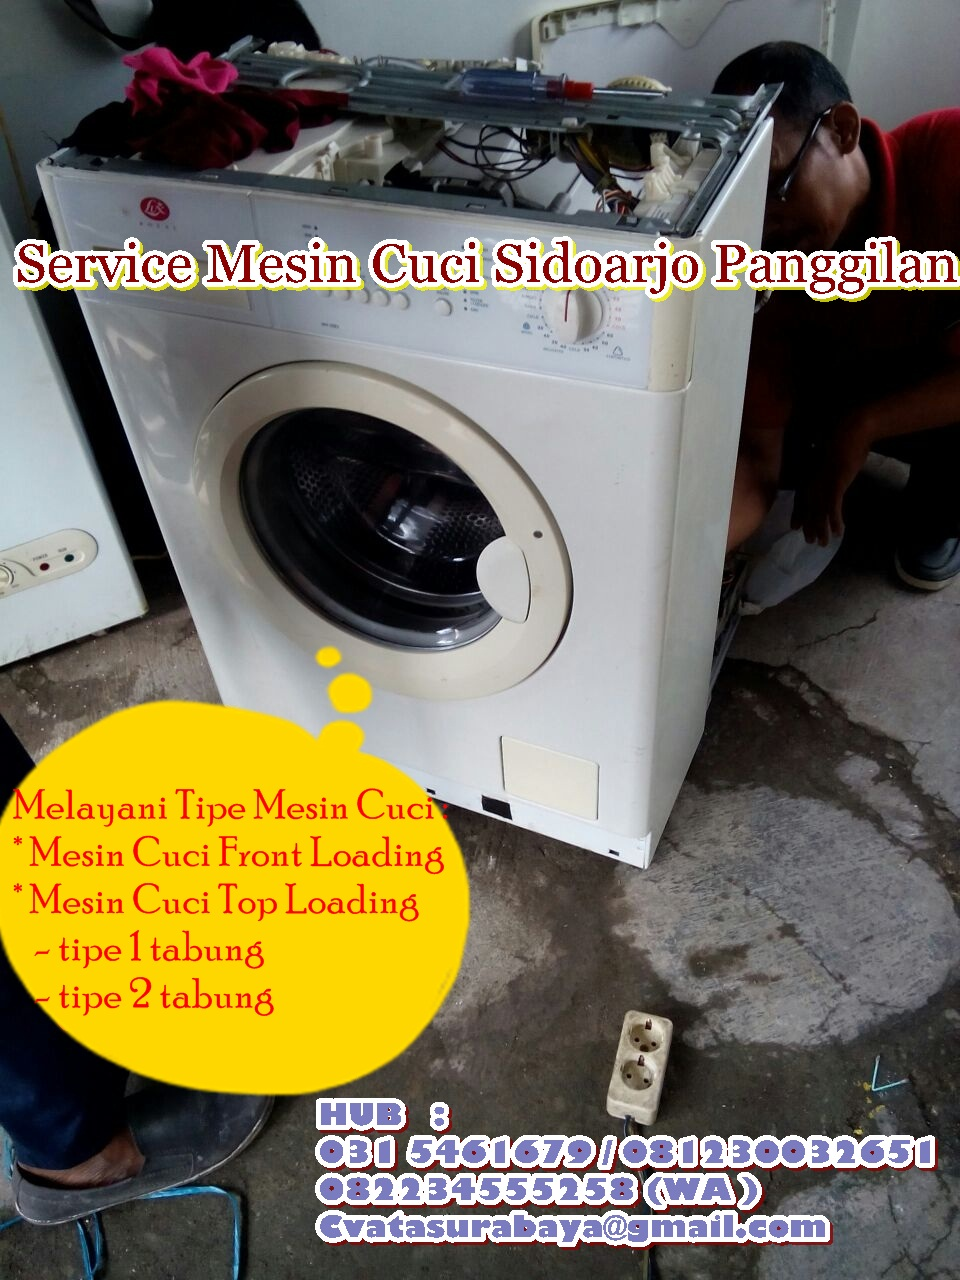 Service Mesin Cuci Berpengalaman Sidoarjo